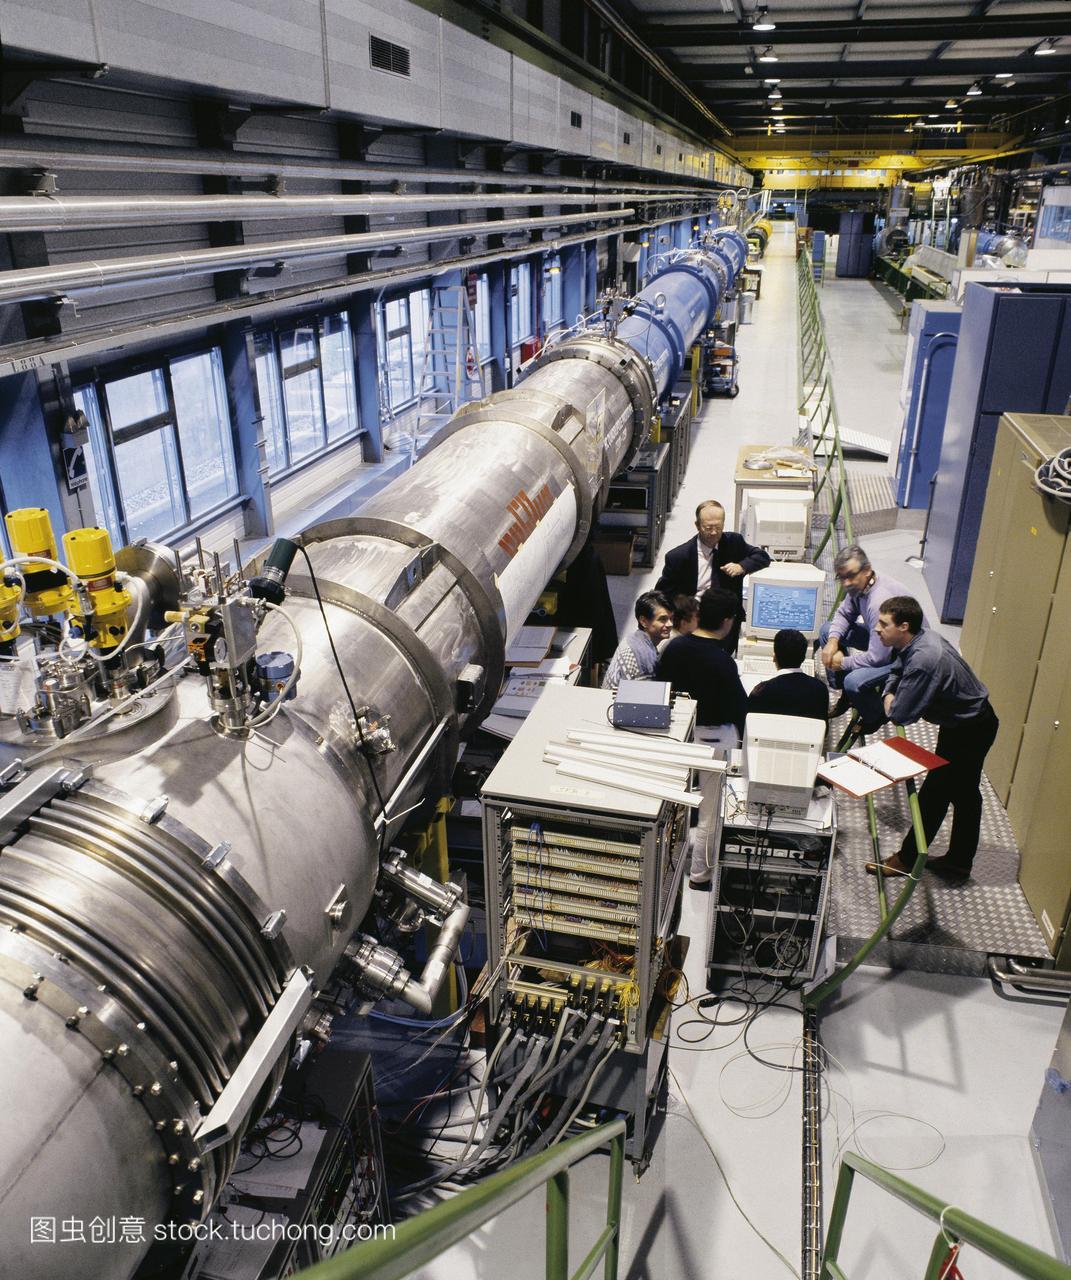 大型强子对撞机粒子加速器磁铁。在瑞士日内瓦